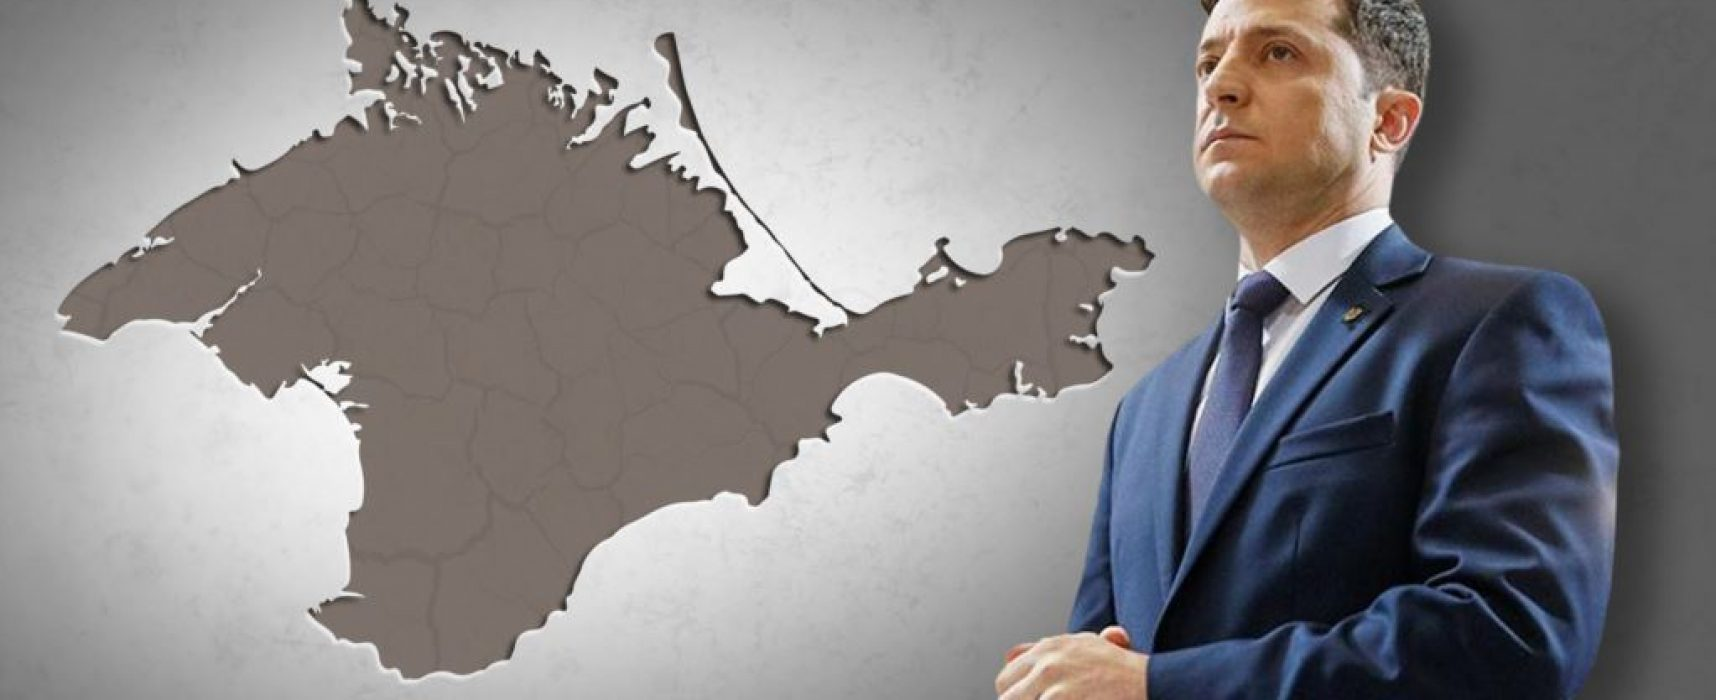 """Крым в российских СМИ: """"Не надо только вынашивать надежду на ползучее возвращение"""""""